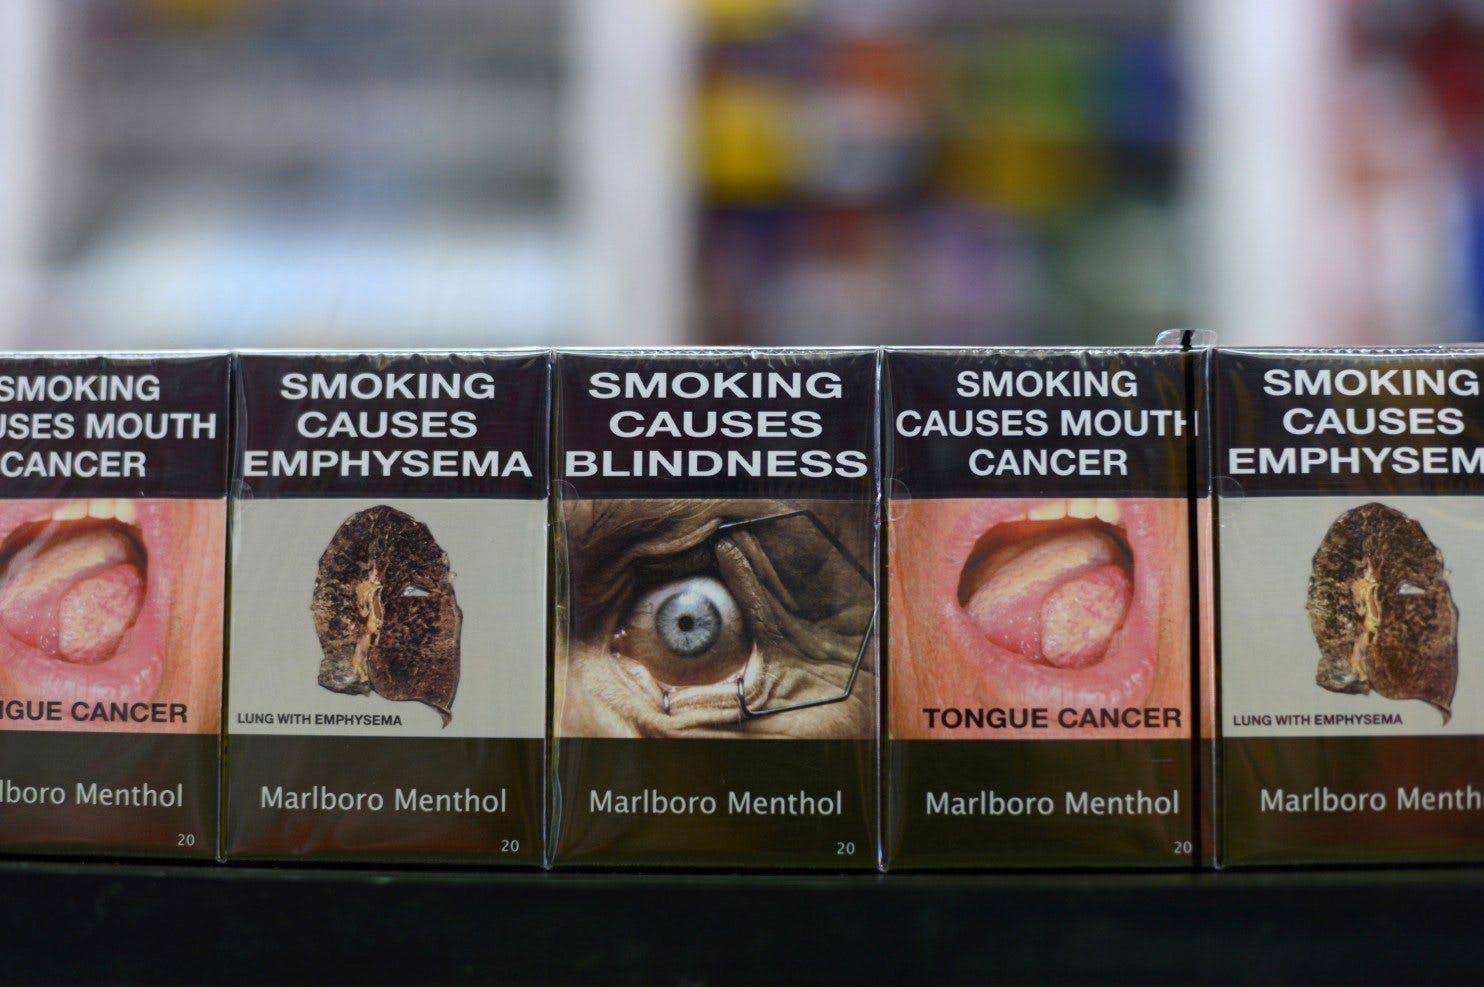 Hårda tider för tobaksindustrin: Även Irland inför standardiserade paket